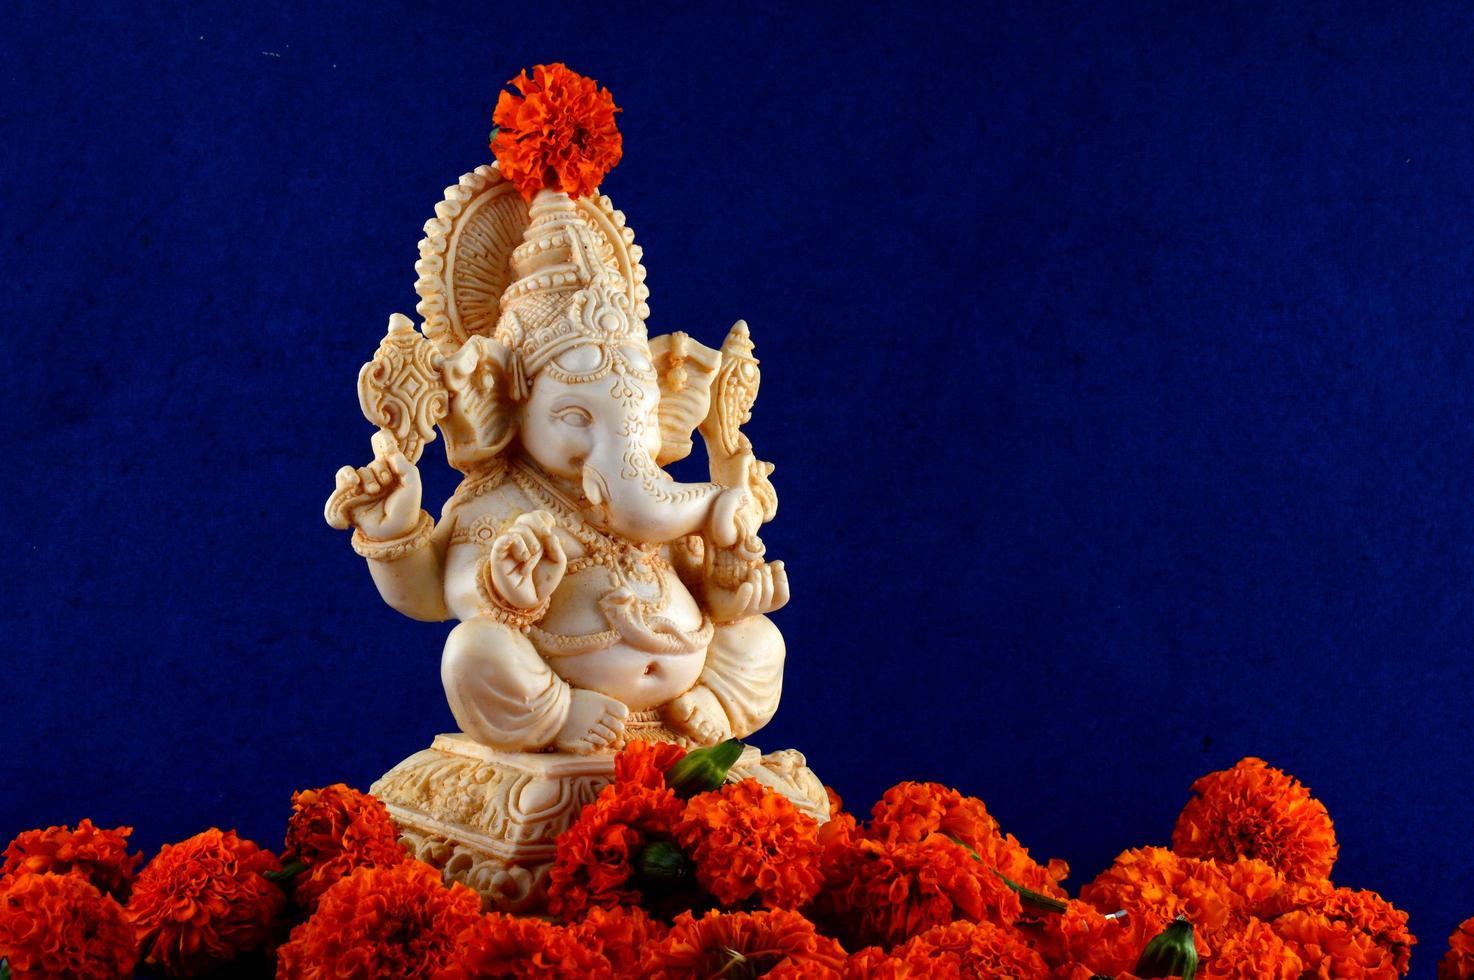 Ganesha-Statue mit roten Blumen foto